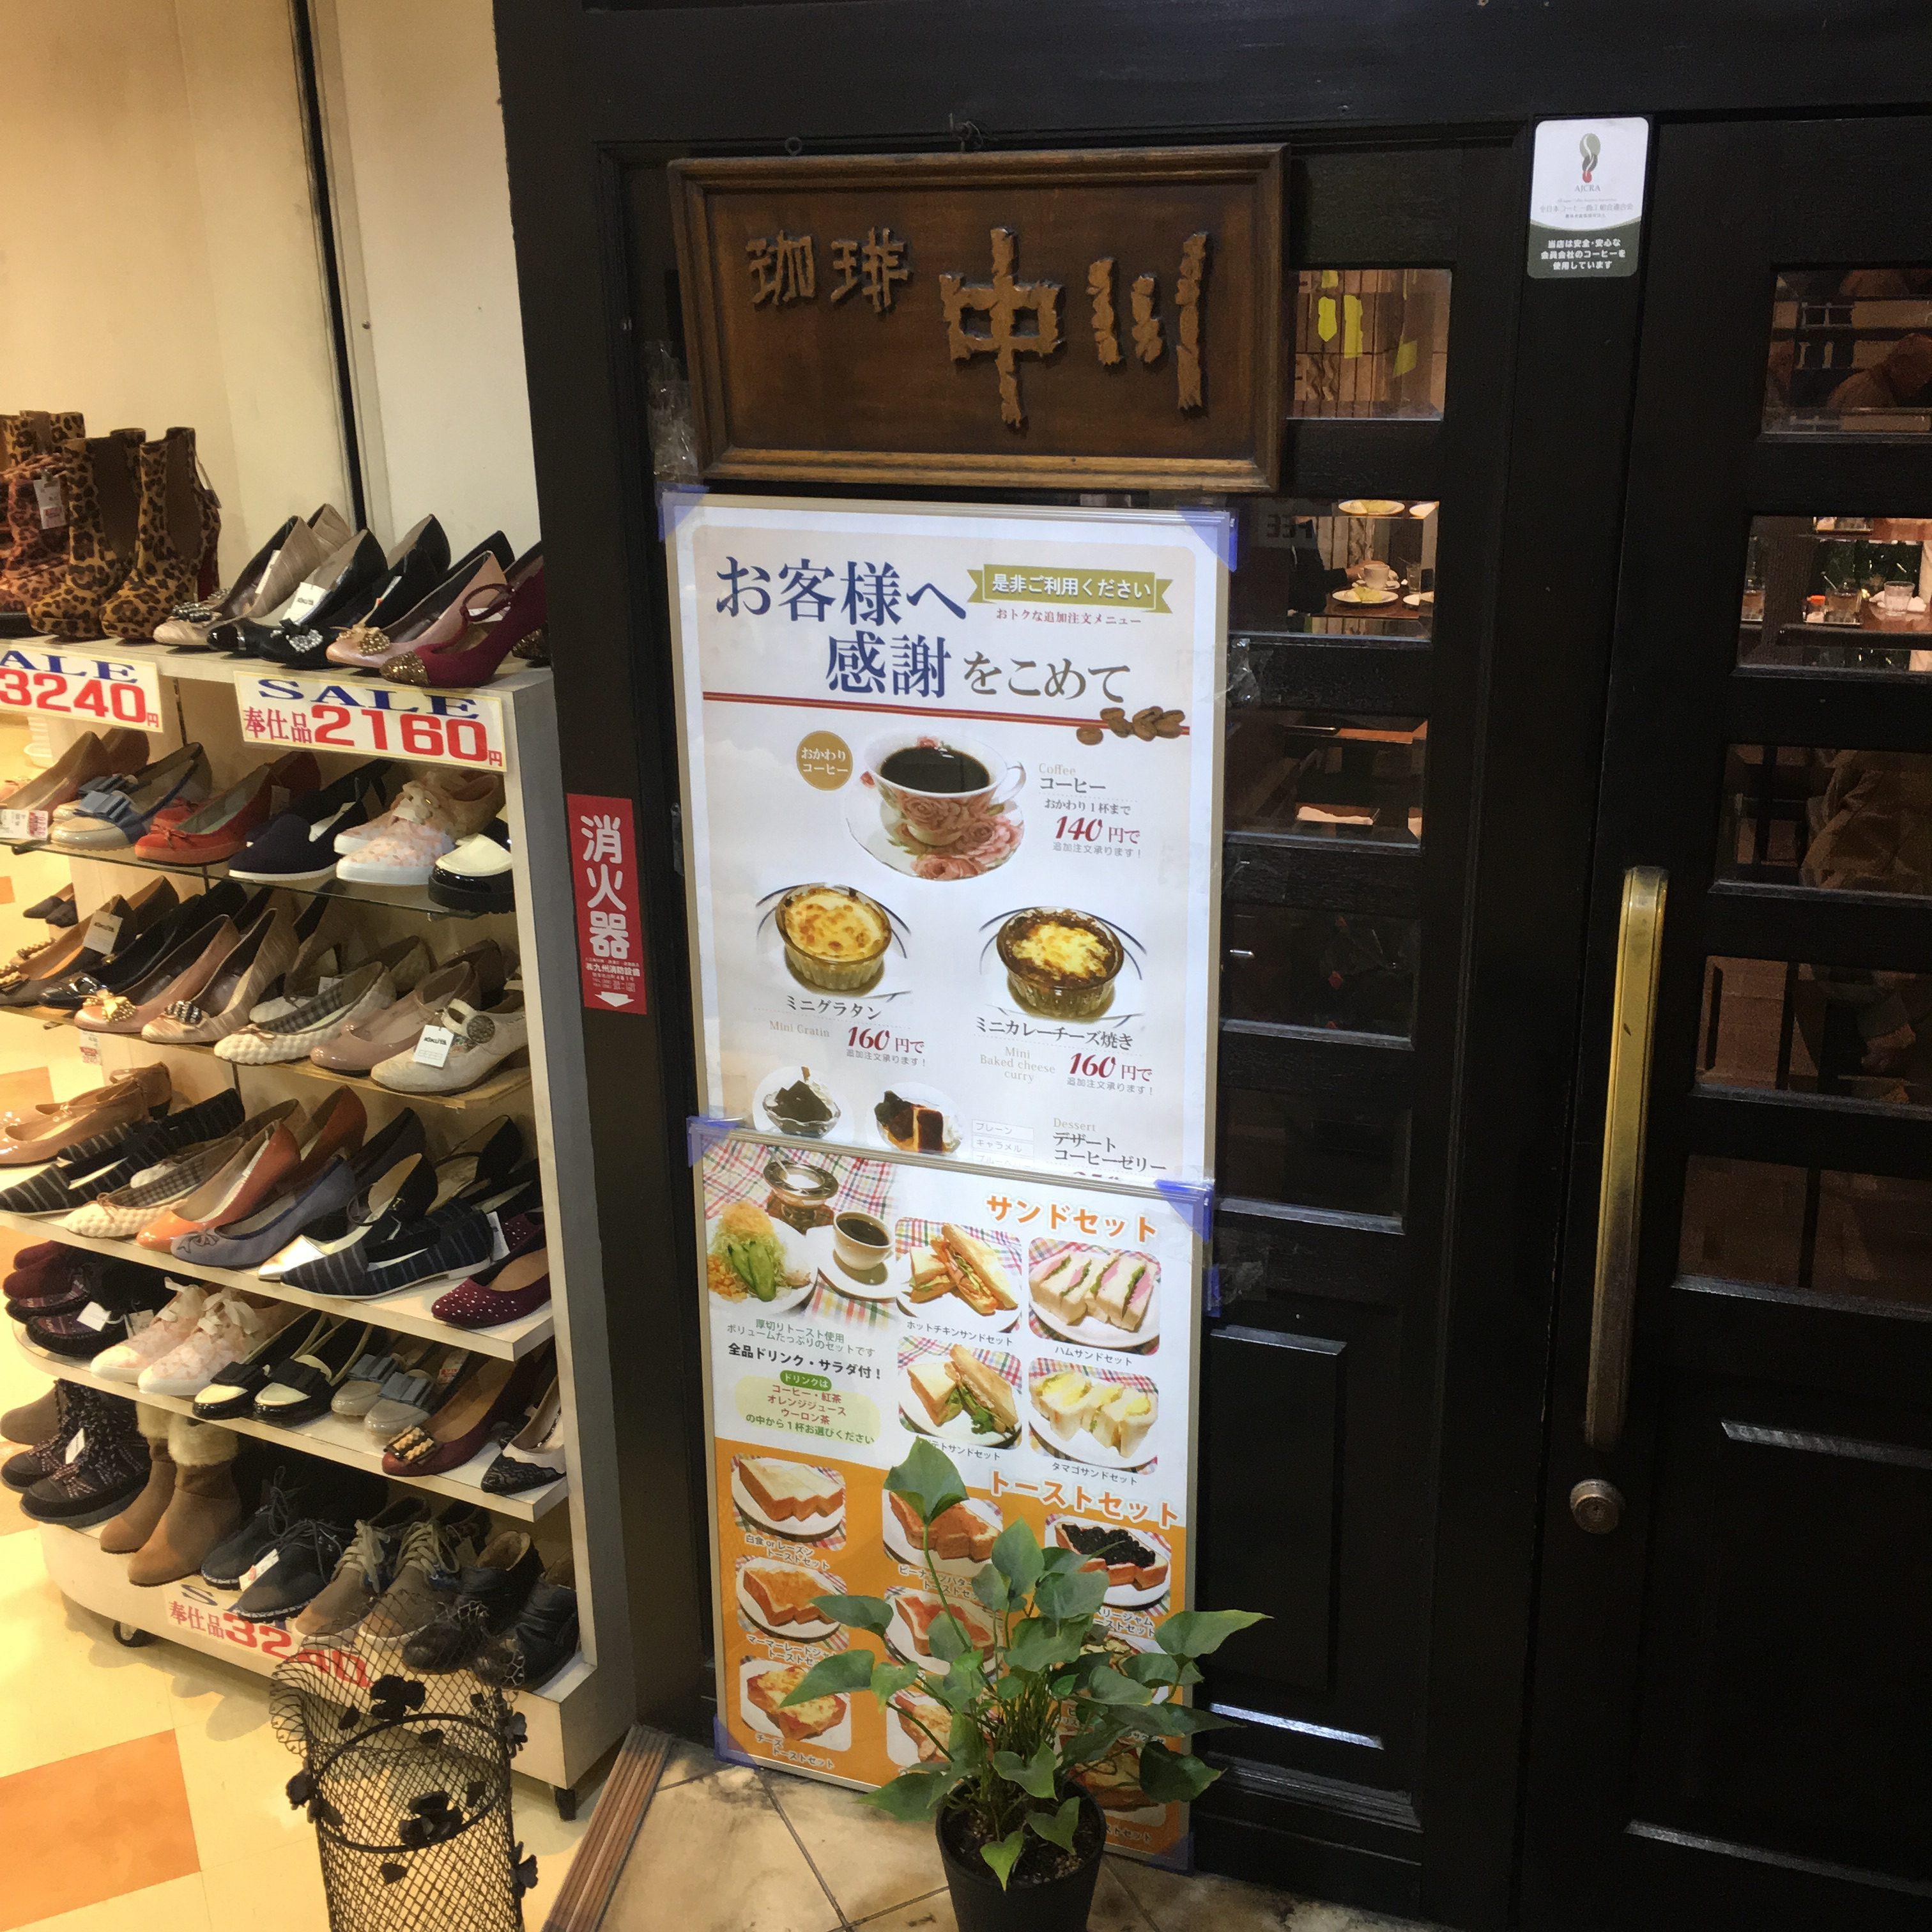 【珈琲中川】熊本下通り@24時間営業!珈琲好きなら、絶対知っててほしい店